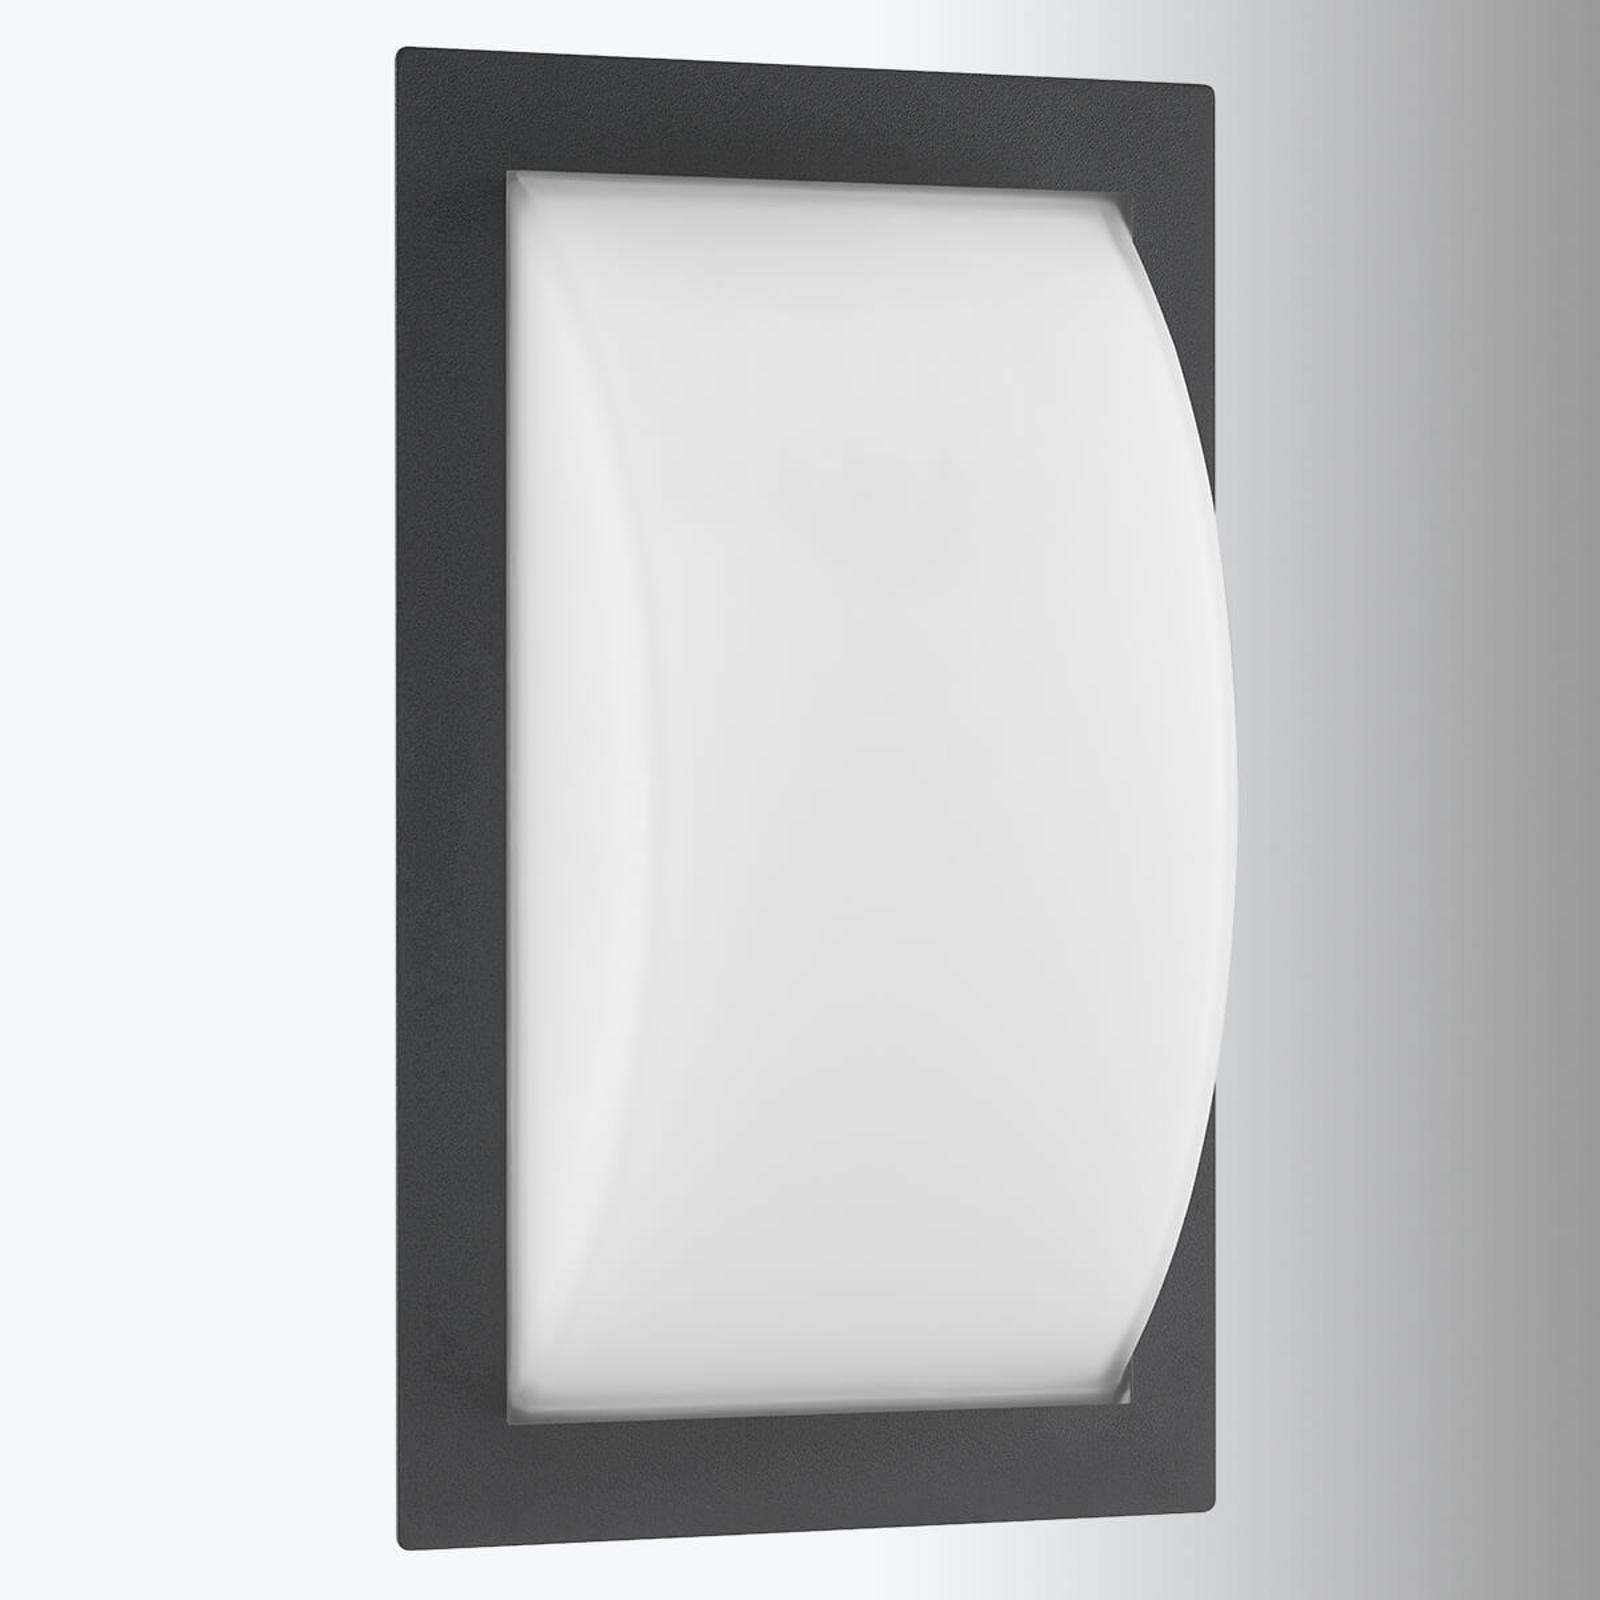 LED-Außenwandleuchte Ivett in Graphit